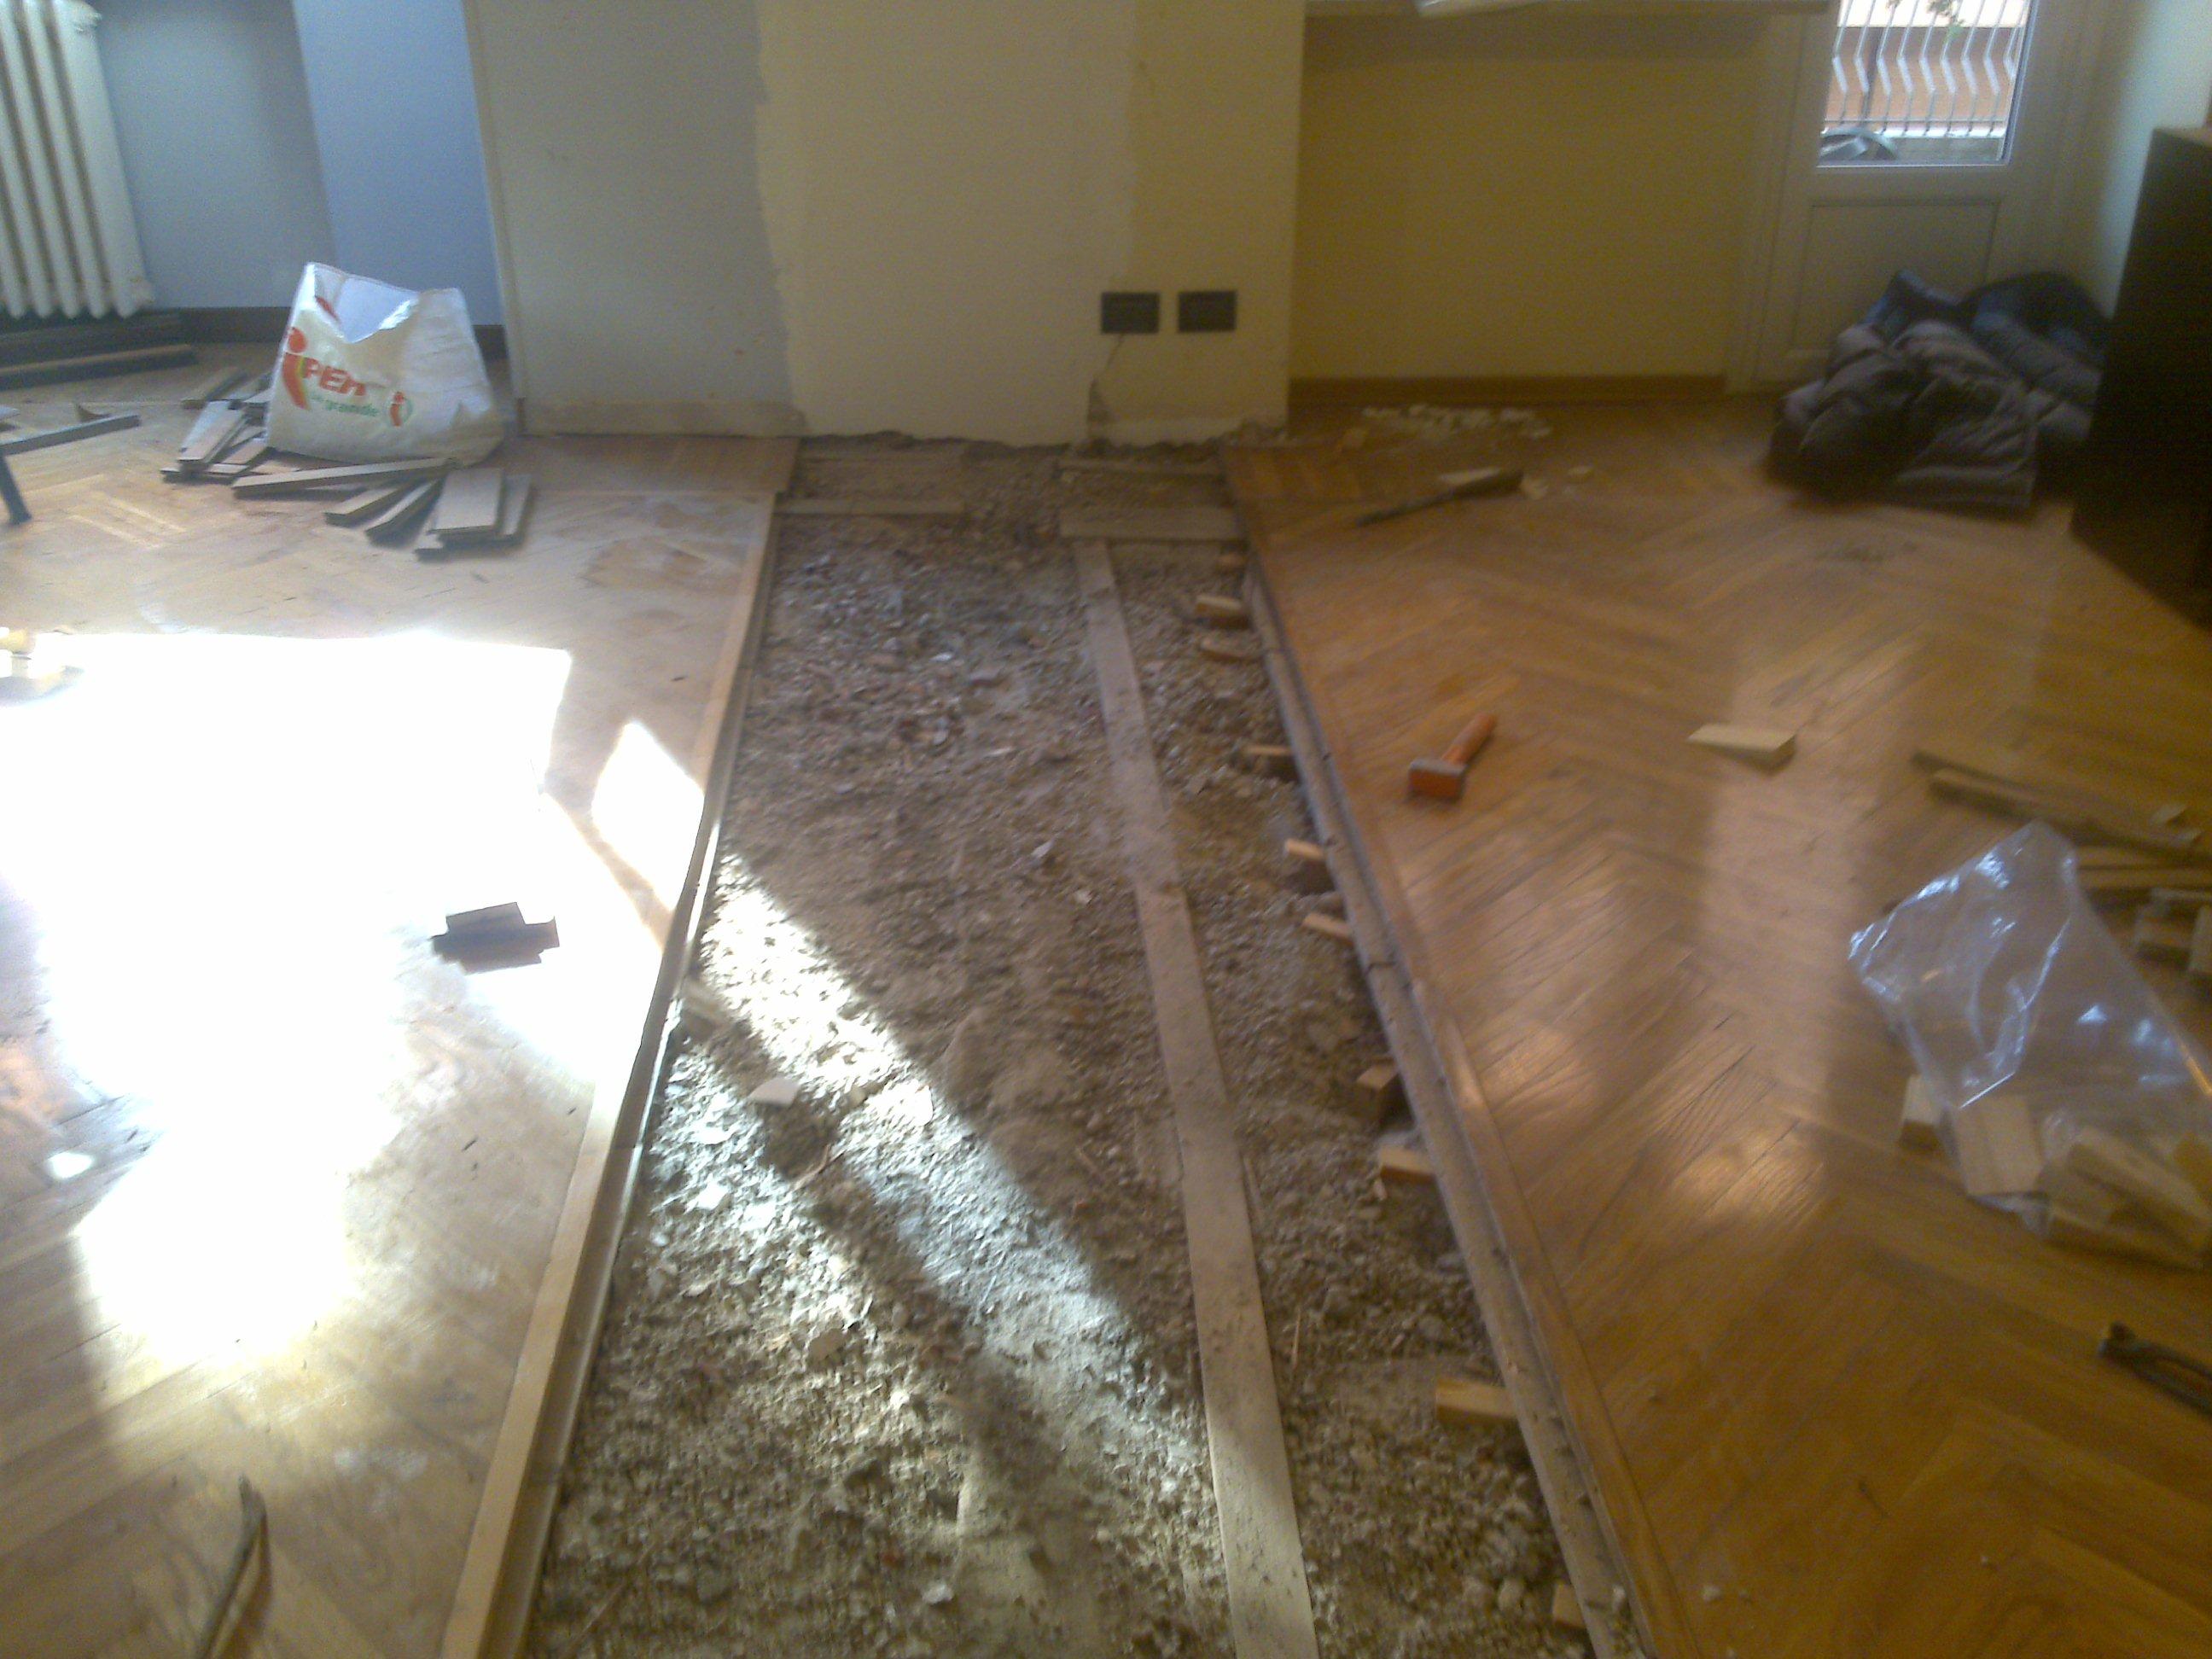 Pavimenti In Parquet E Marmo giunzione di due camere di parquet – nicola la rosa 349 29